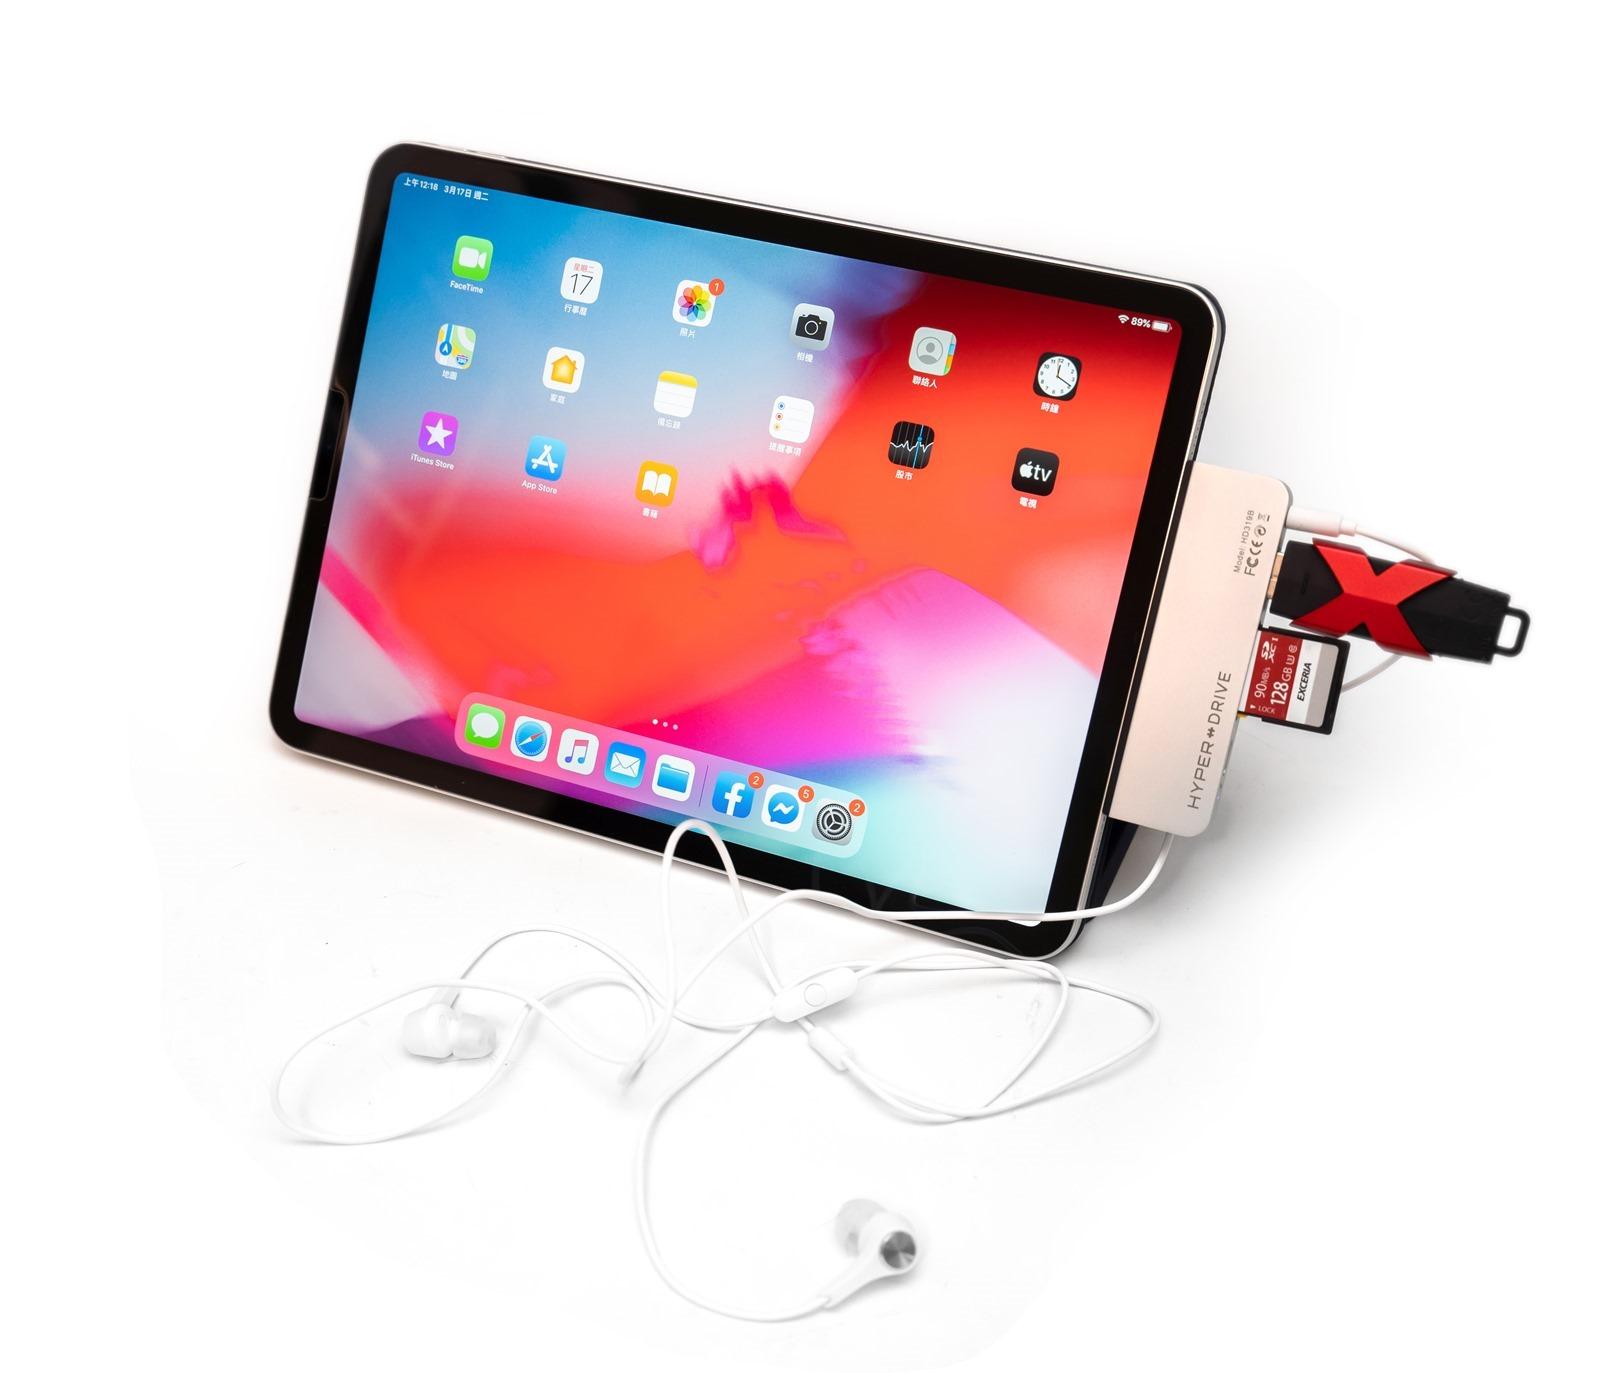 iPad Pro 也能用!HyperDrive6-in-1 iPad Pro 版本,電腦也可以用! @3C 達人廖阿輝